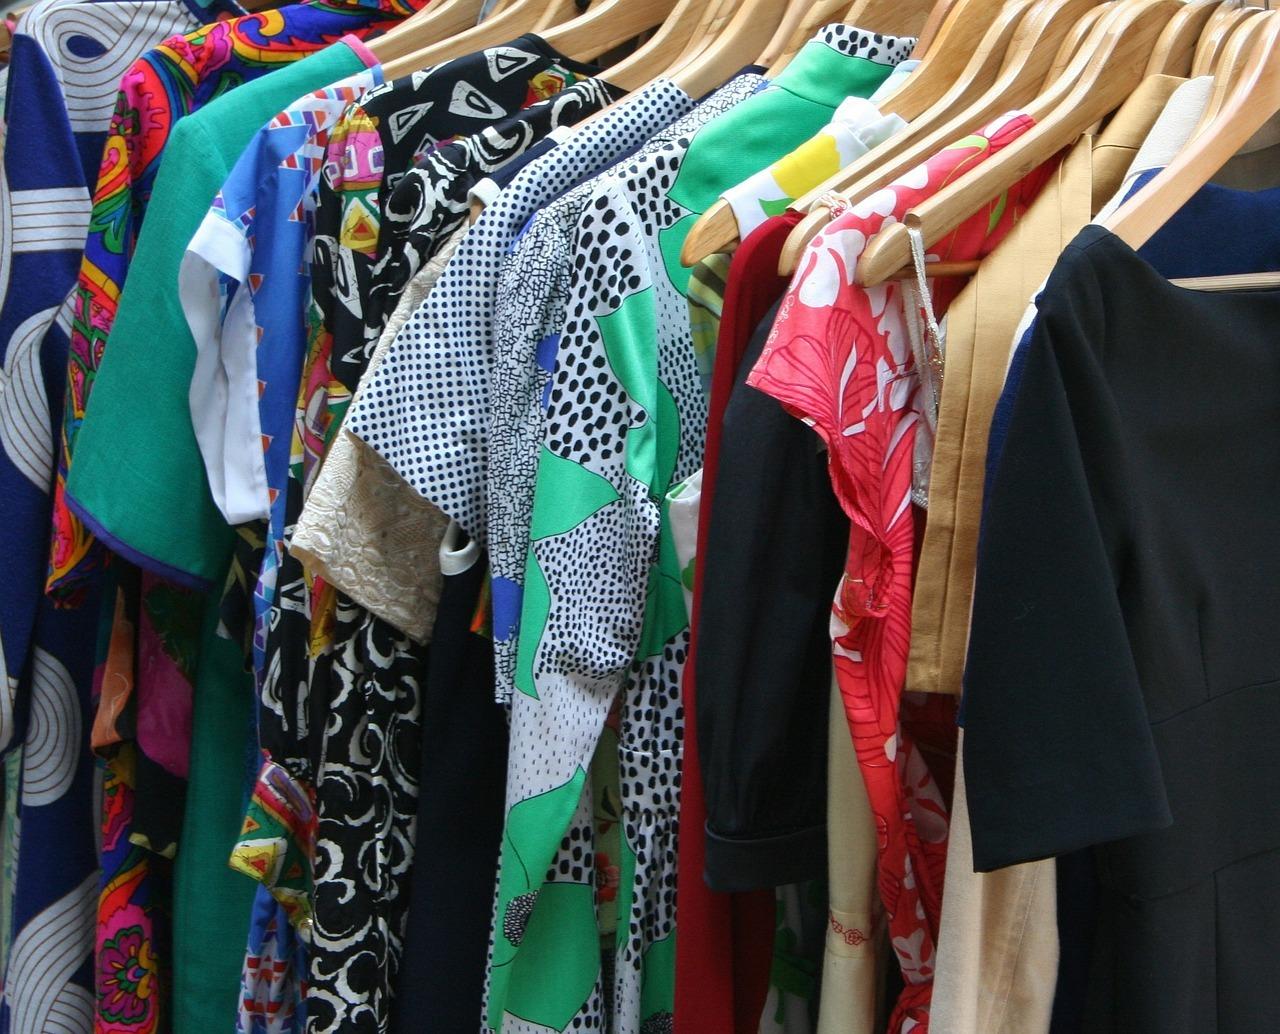 Gebrauchte Kleidung schont die Umwelt und verhindert Ausbeutung in der Textilindustrie.